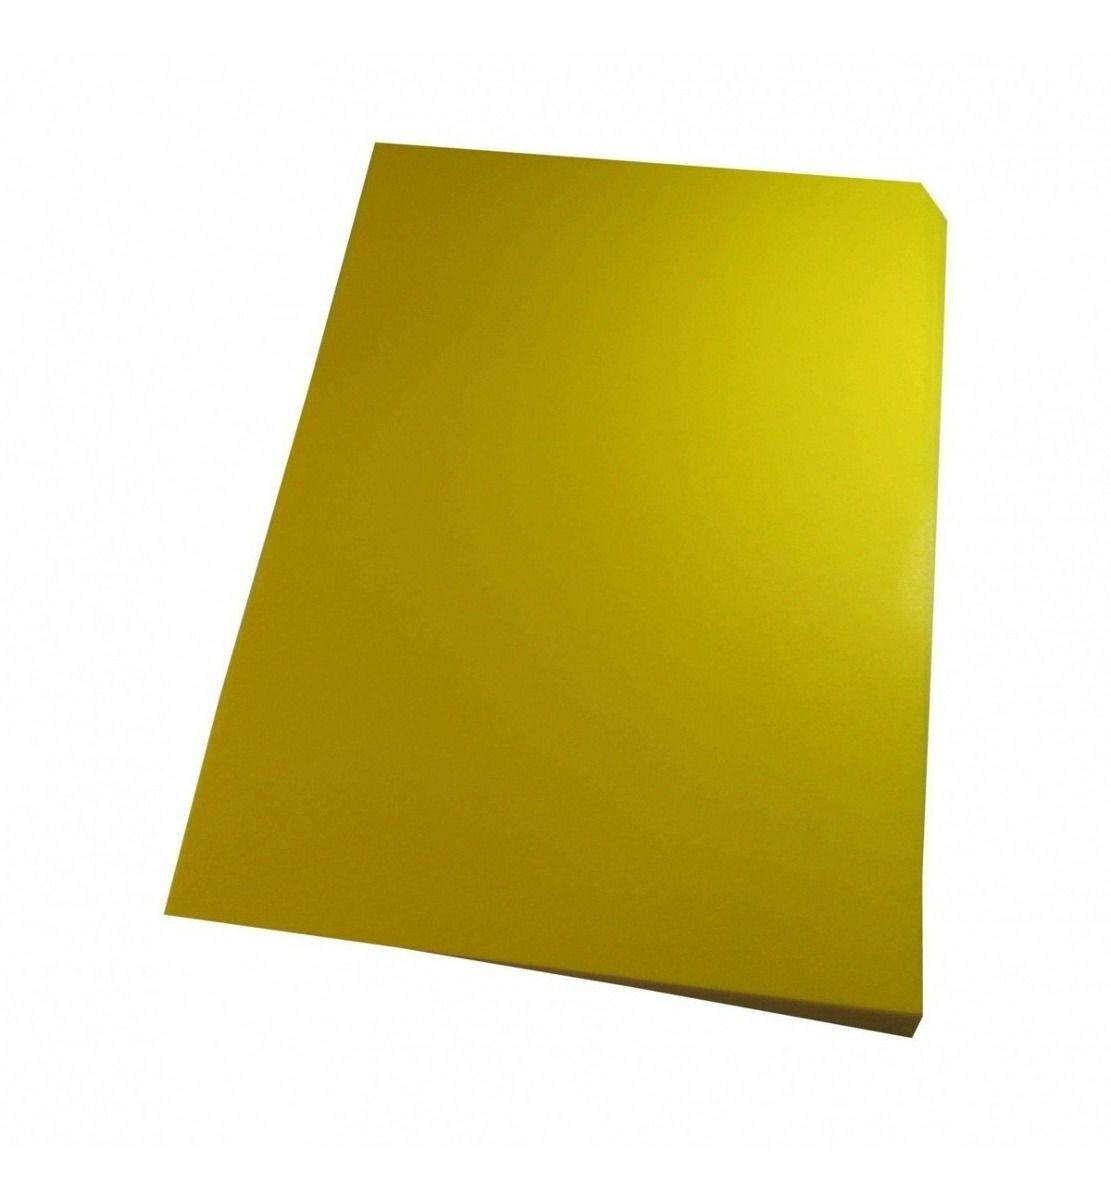 Capa para encadernação A4 Amarela PP Couro 0,30mm 100un